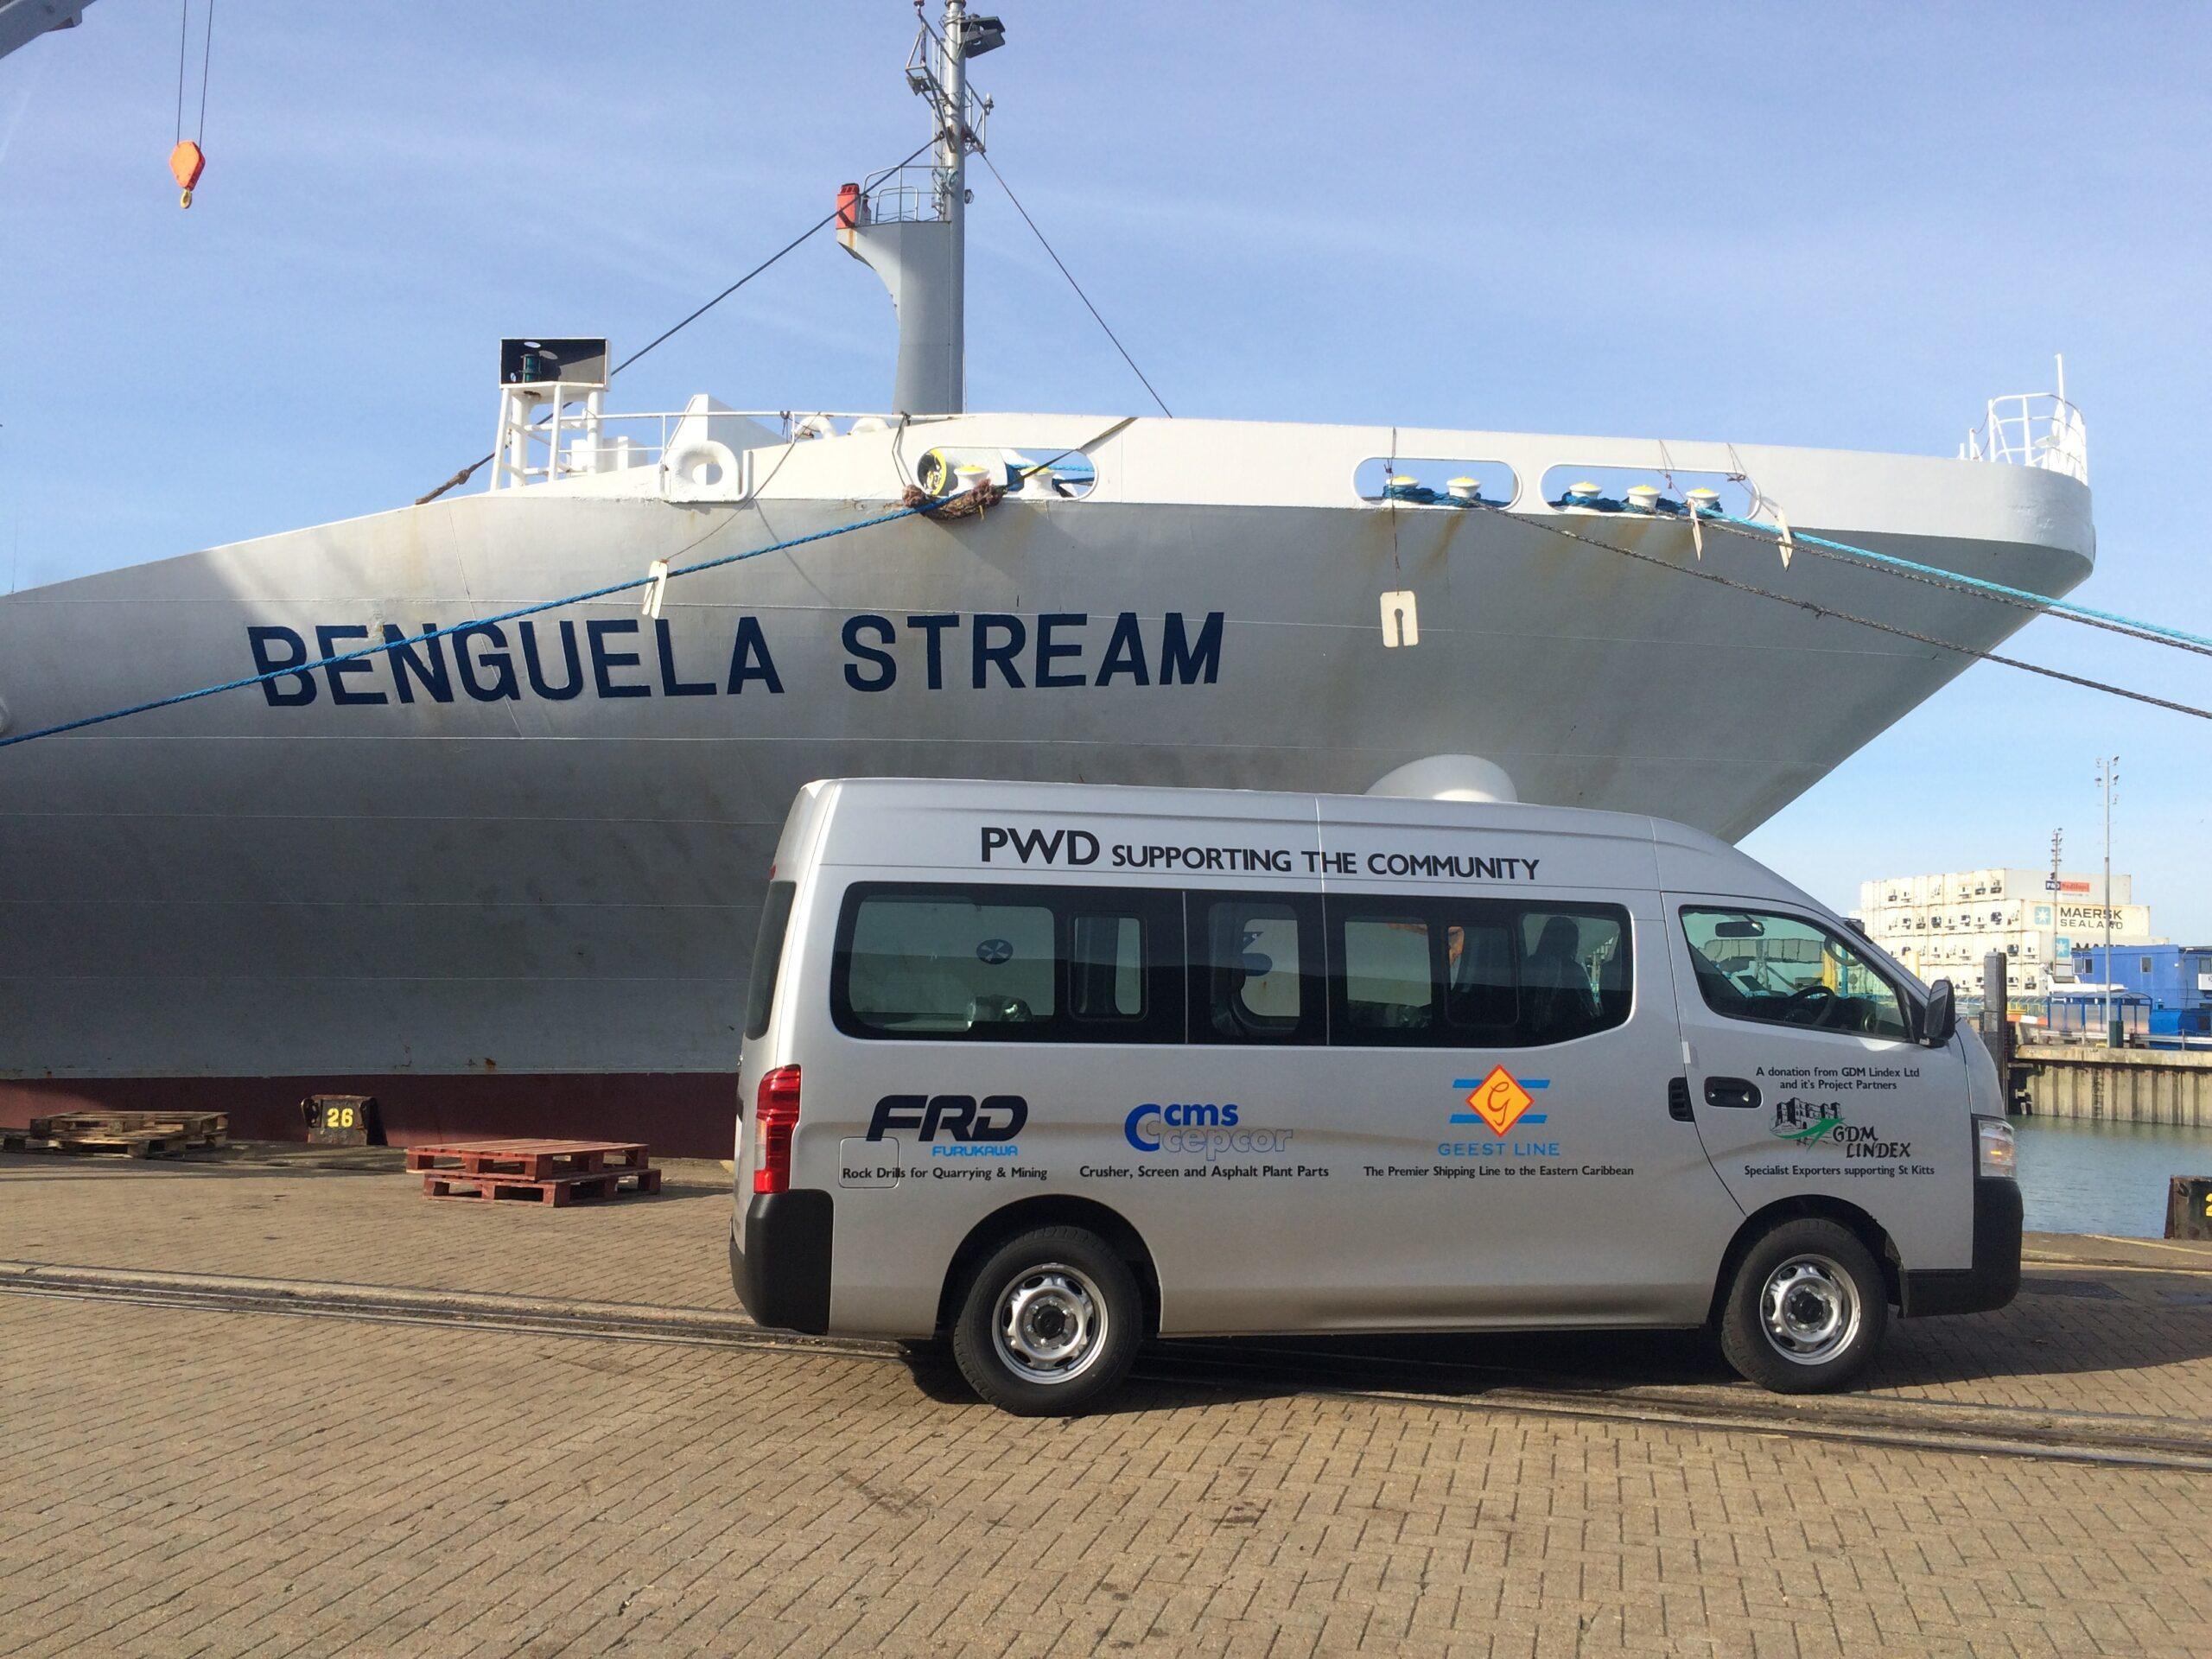 Minibus and Benguela